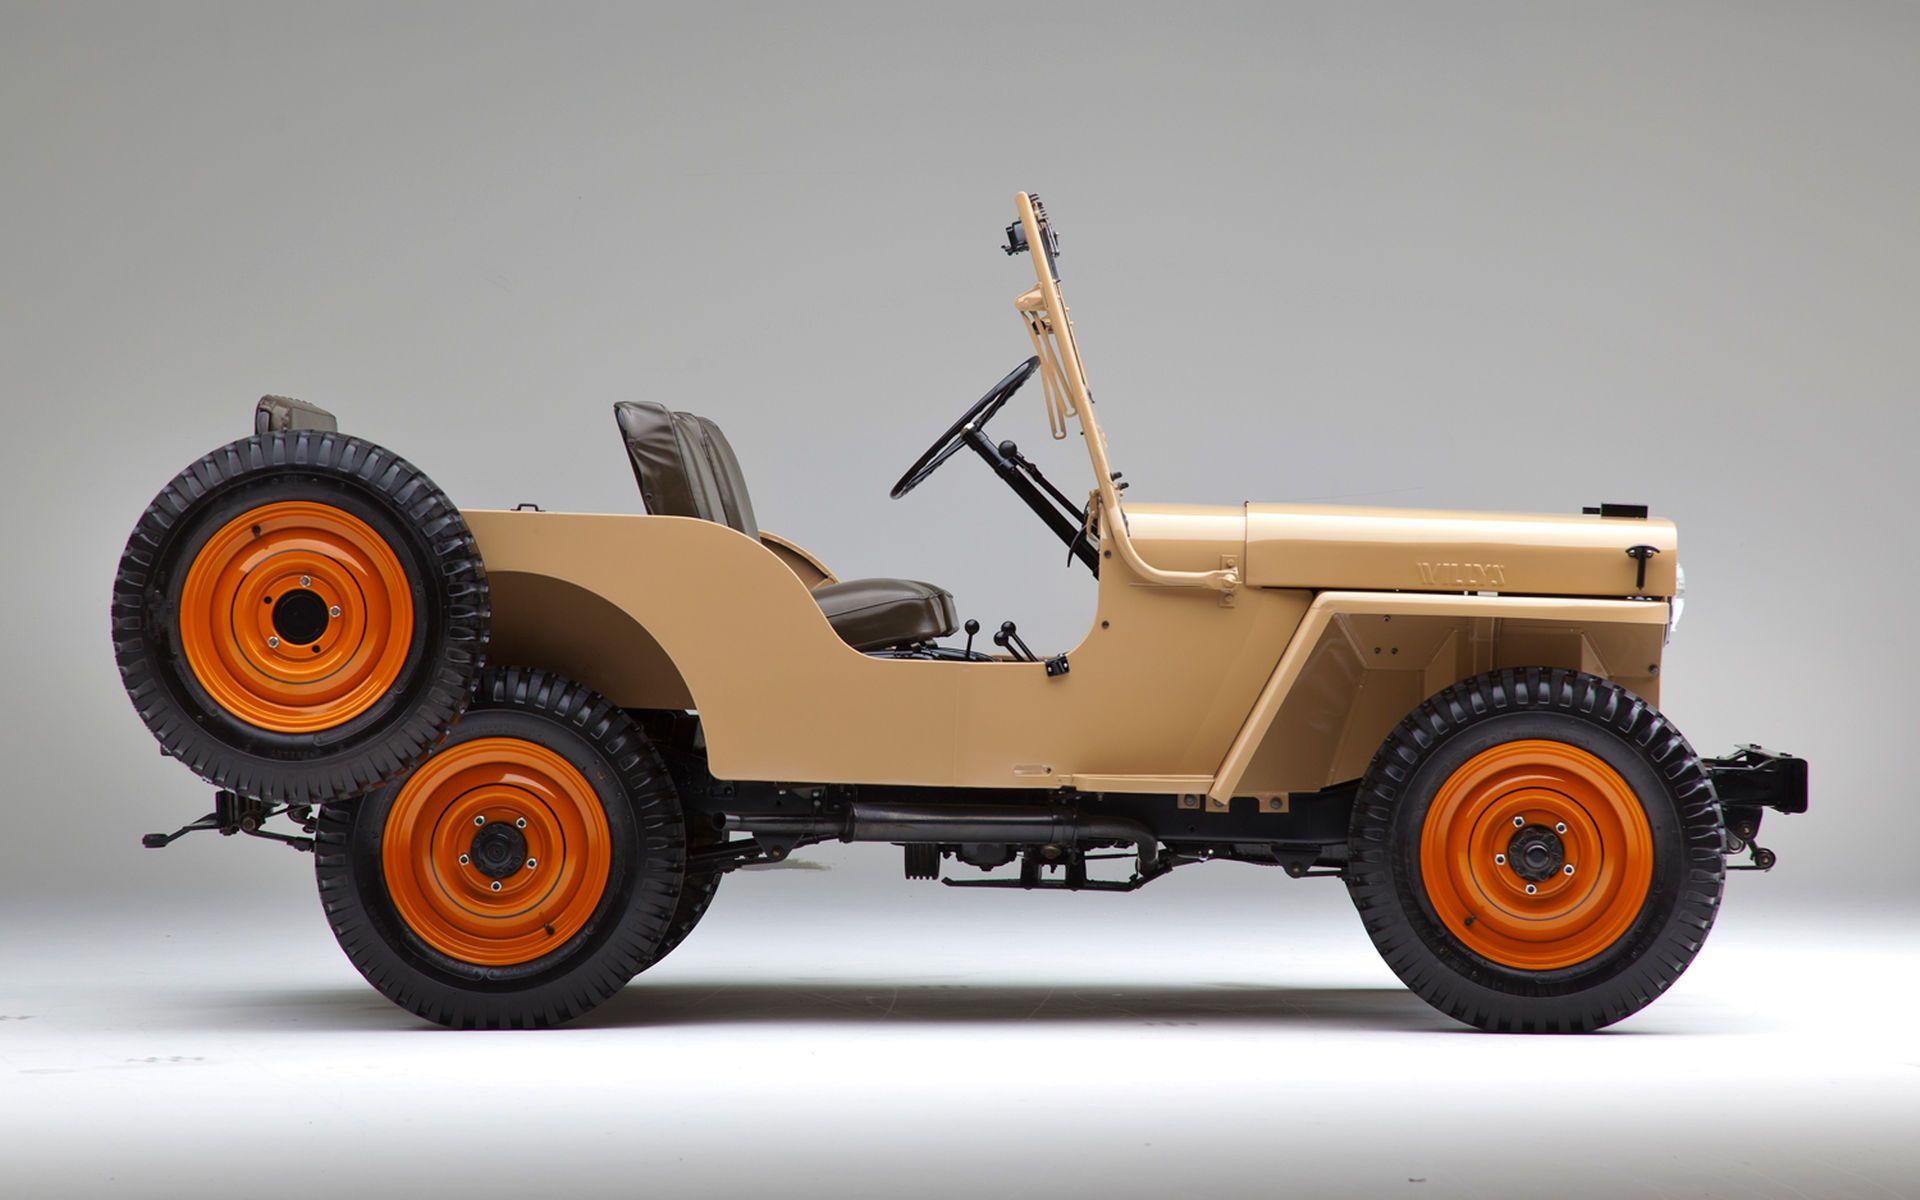 1945 Jeep Cj2a Classic Drive Motor Trend Jeep Truck Jeep Old